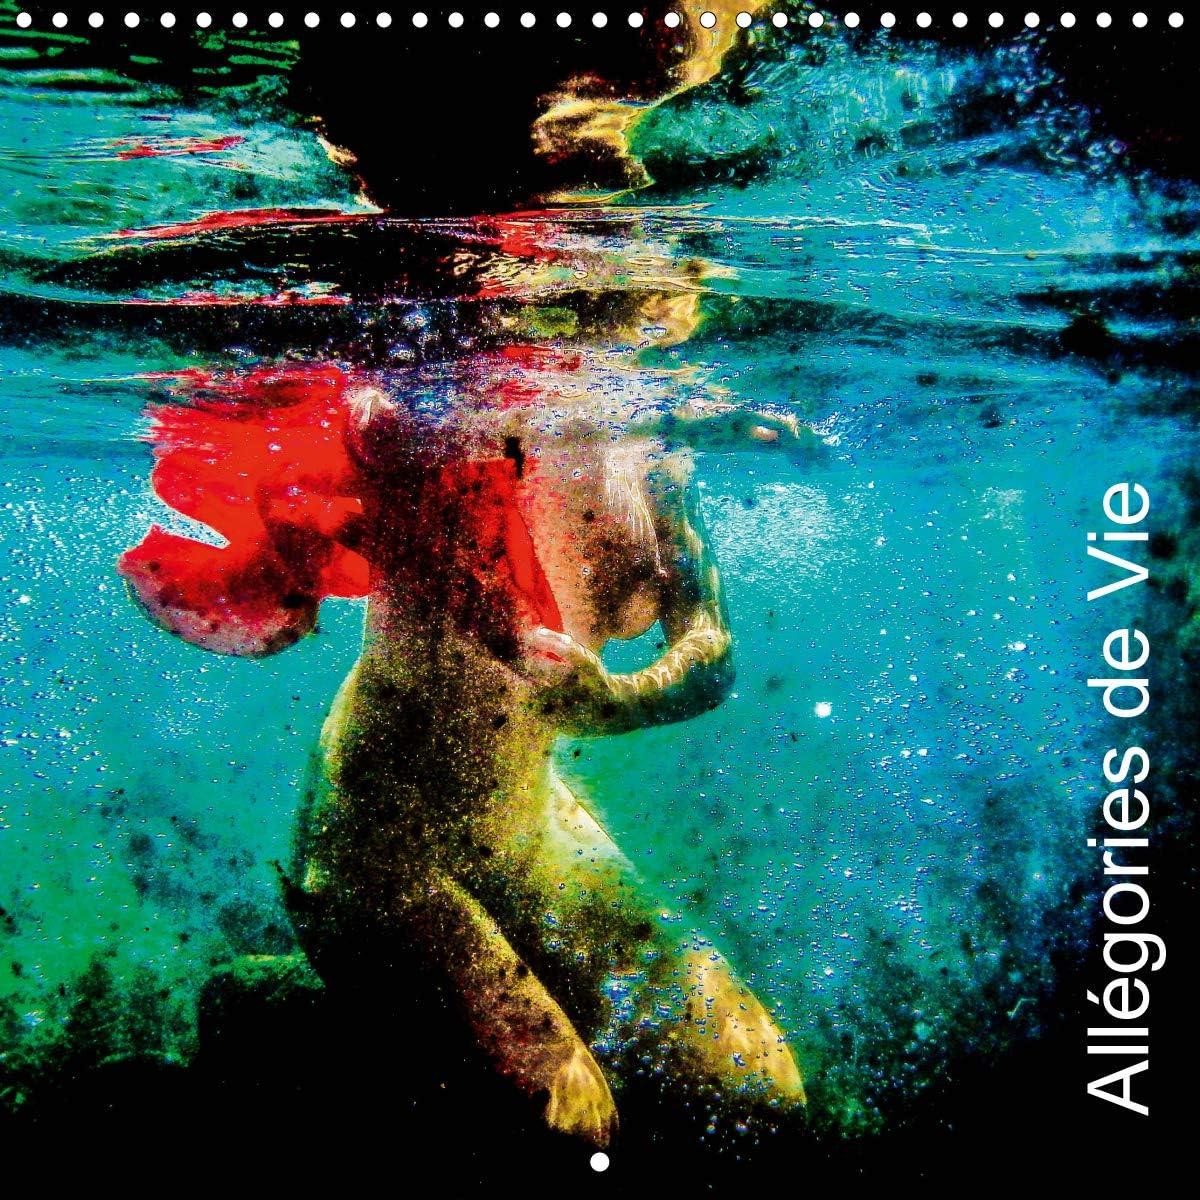 Allegories de Vie 2020: Images subaquatiques qui sont des allegories de vie.